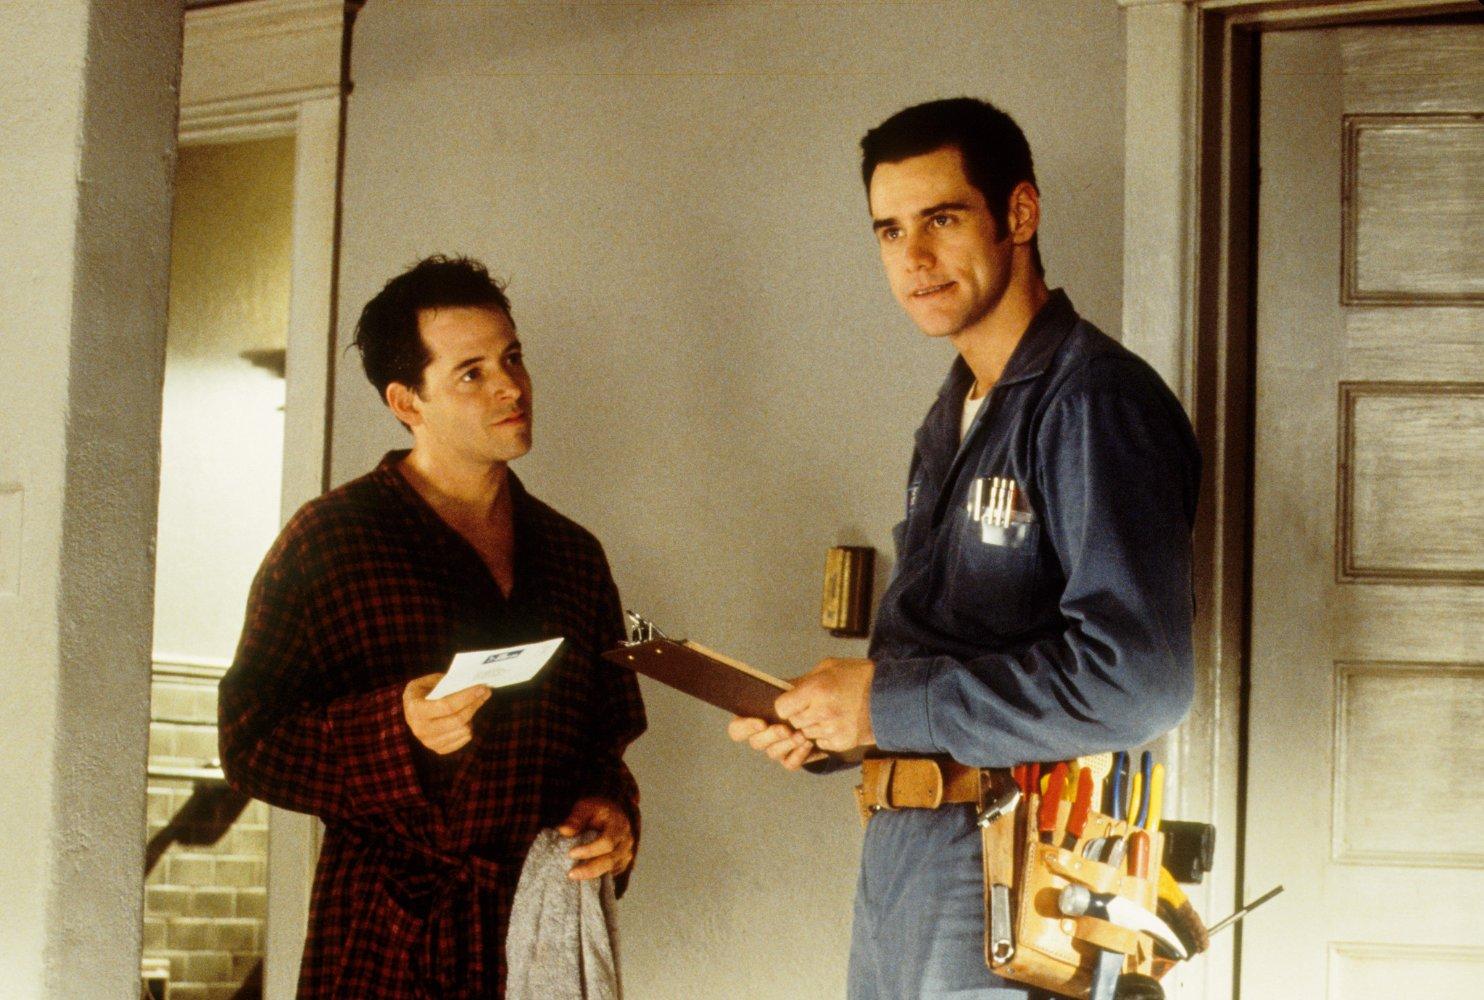 Кабельщик 1996 на киного  в качестве hd